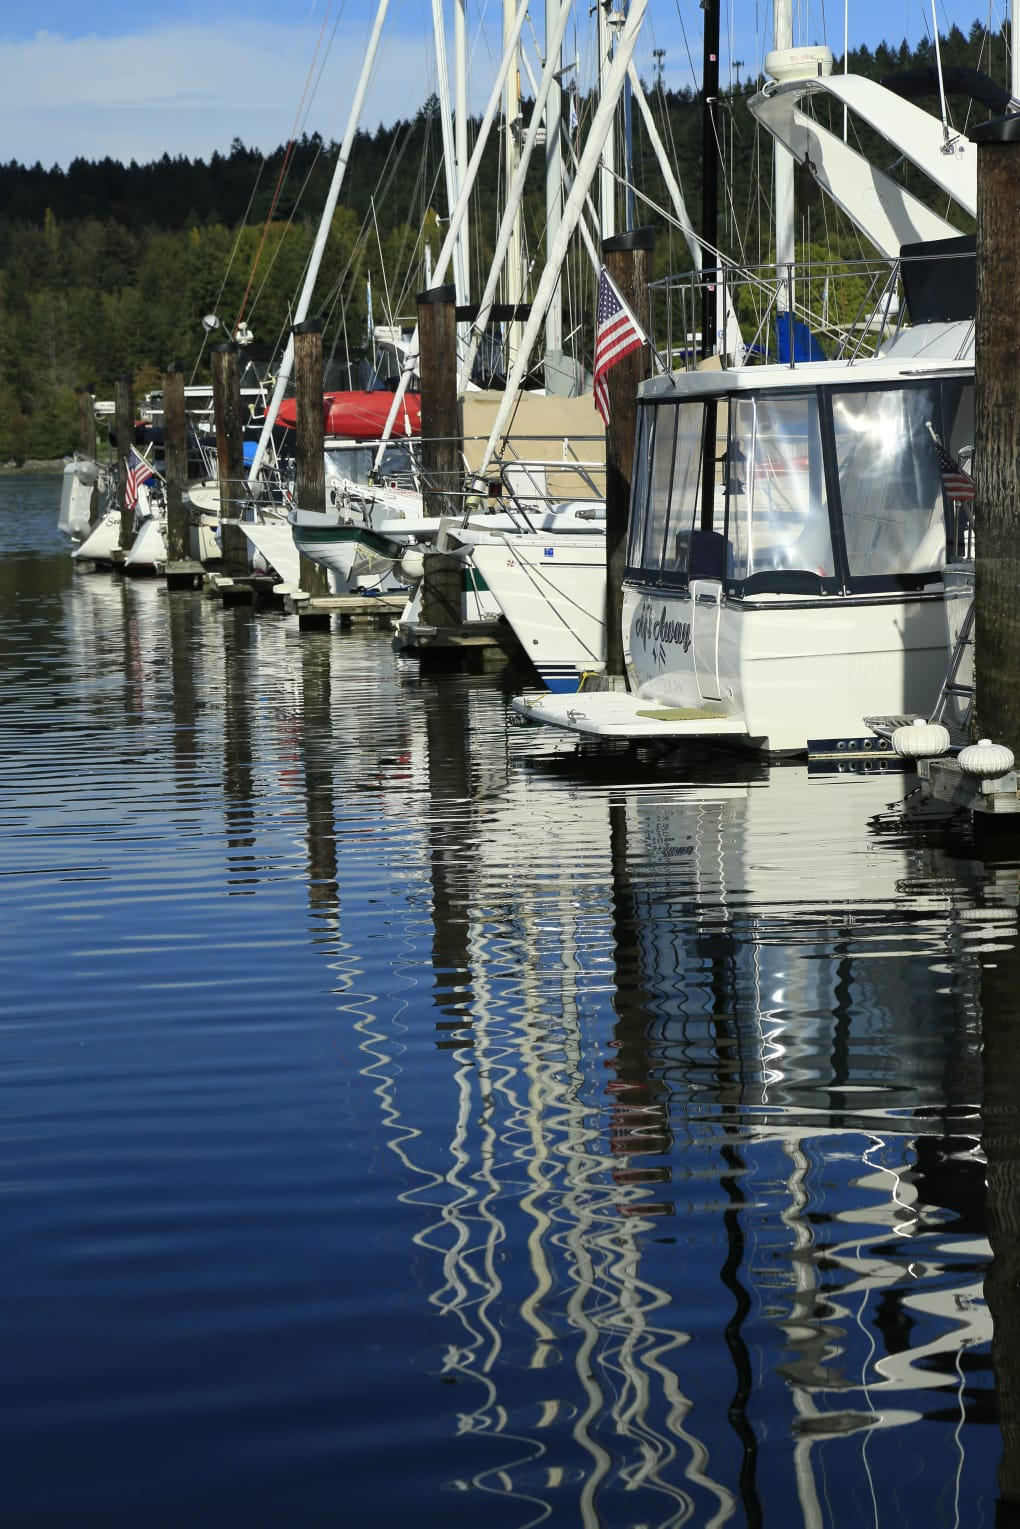 Gig-Harbor-Marina-Steve-Essig-18.jpg